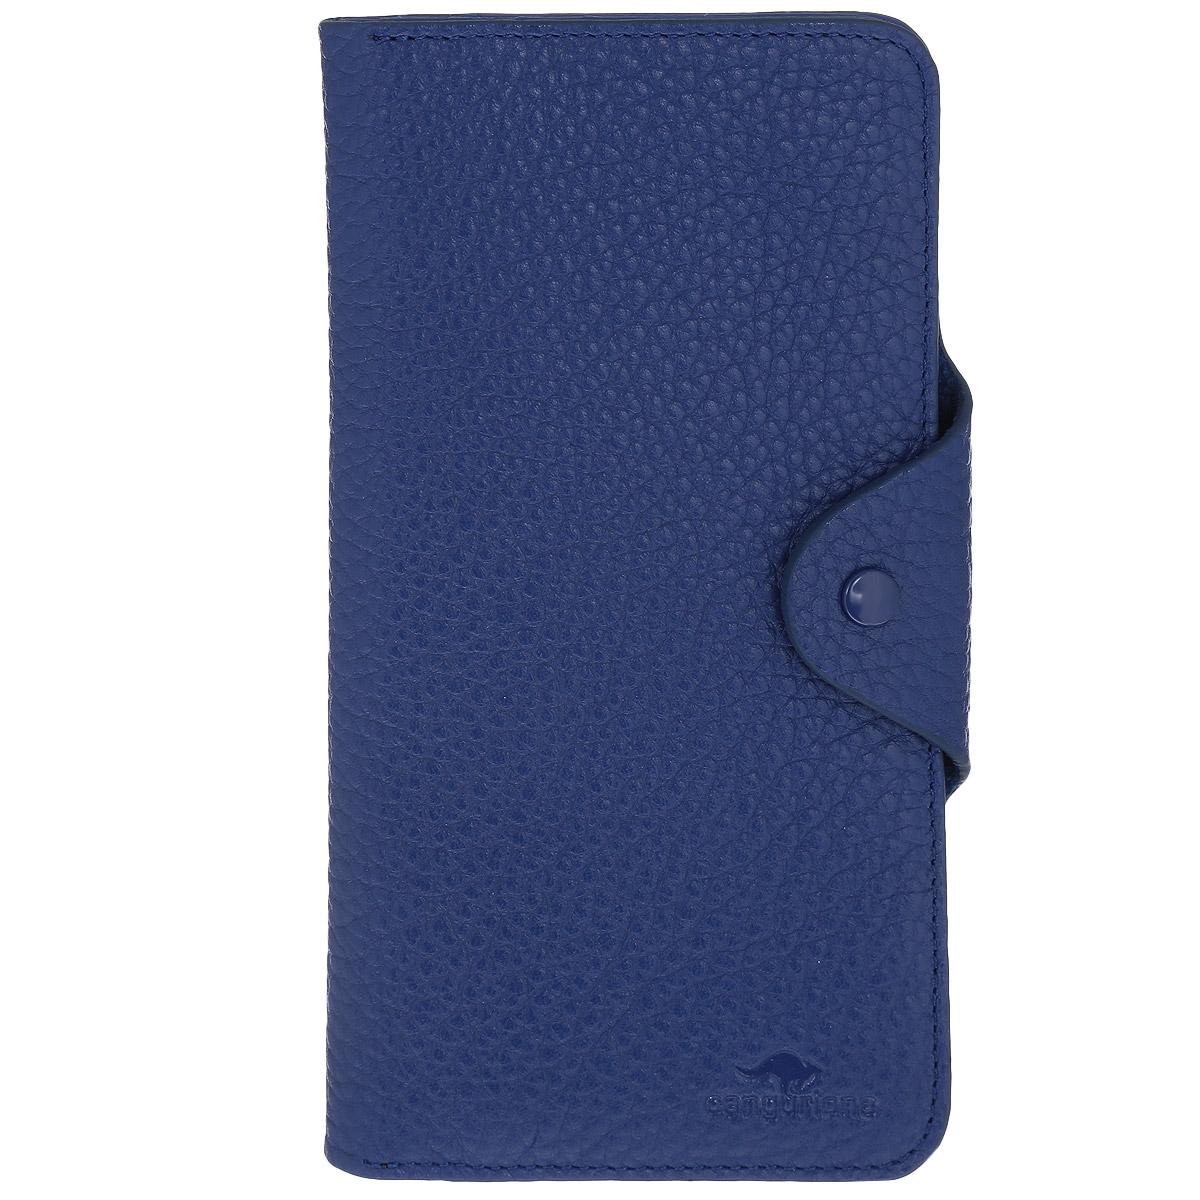 Портмоне Cangurione, цвет: синий. 2103-015 F/Blue2103-015 F/BlueМягкое портмоне Cangurione выполнено из натуральной высококачественной кожи с естественной лицевой и внутренней поверхностью. Портмоне имеет 6 отделений для купюр. Также внутри расположены 16 горизонтальных открытых карманов для банковских карт и визиток и 2 горизонтальных открытых кармана с полупрозрачным окошком-сеточкой. Портмоне оснащено клапаном для фиксации бумаг и документов и дополнено внутренним карманом для мелочи на застежке-молнии, которое также можно использовать для хранения купюр. Портмоне надежно закрывается на узкий клапан с кнопкой. Портмоне - это удобный и стильный аксессуар, необходимый каждому активному человеку для хранения денежных купюр, монет, визитных и пластиковых карт, а также небольших документов. Надежное портмоне Cangurione сочетает в себе классический дизайн и функциональность, и не только практично в использовании, но и станет отличным дополнением к любому стилю, и позволит вам подчеркнуть свою индивидуальность. Портмоне упаковано в...